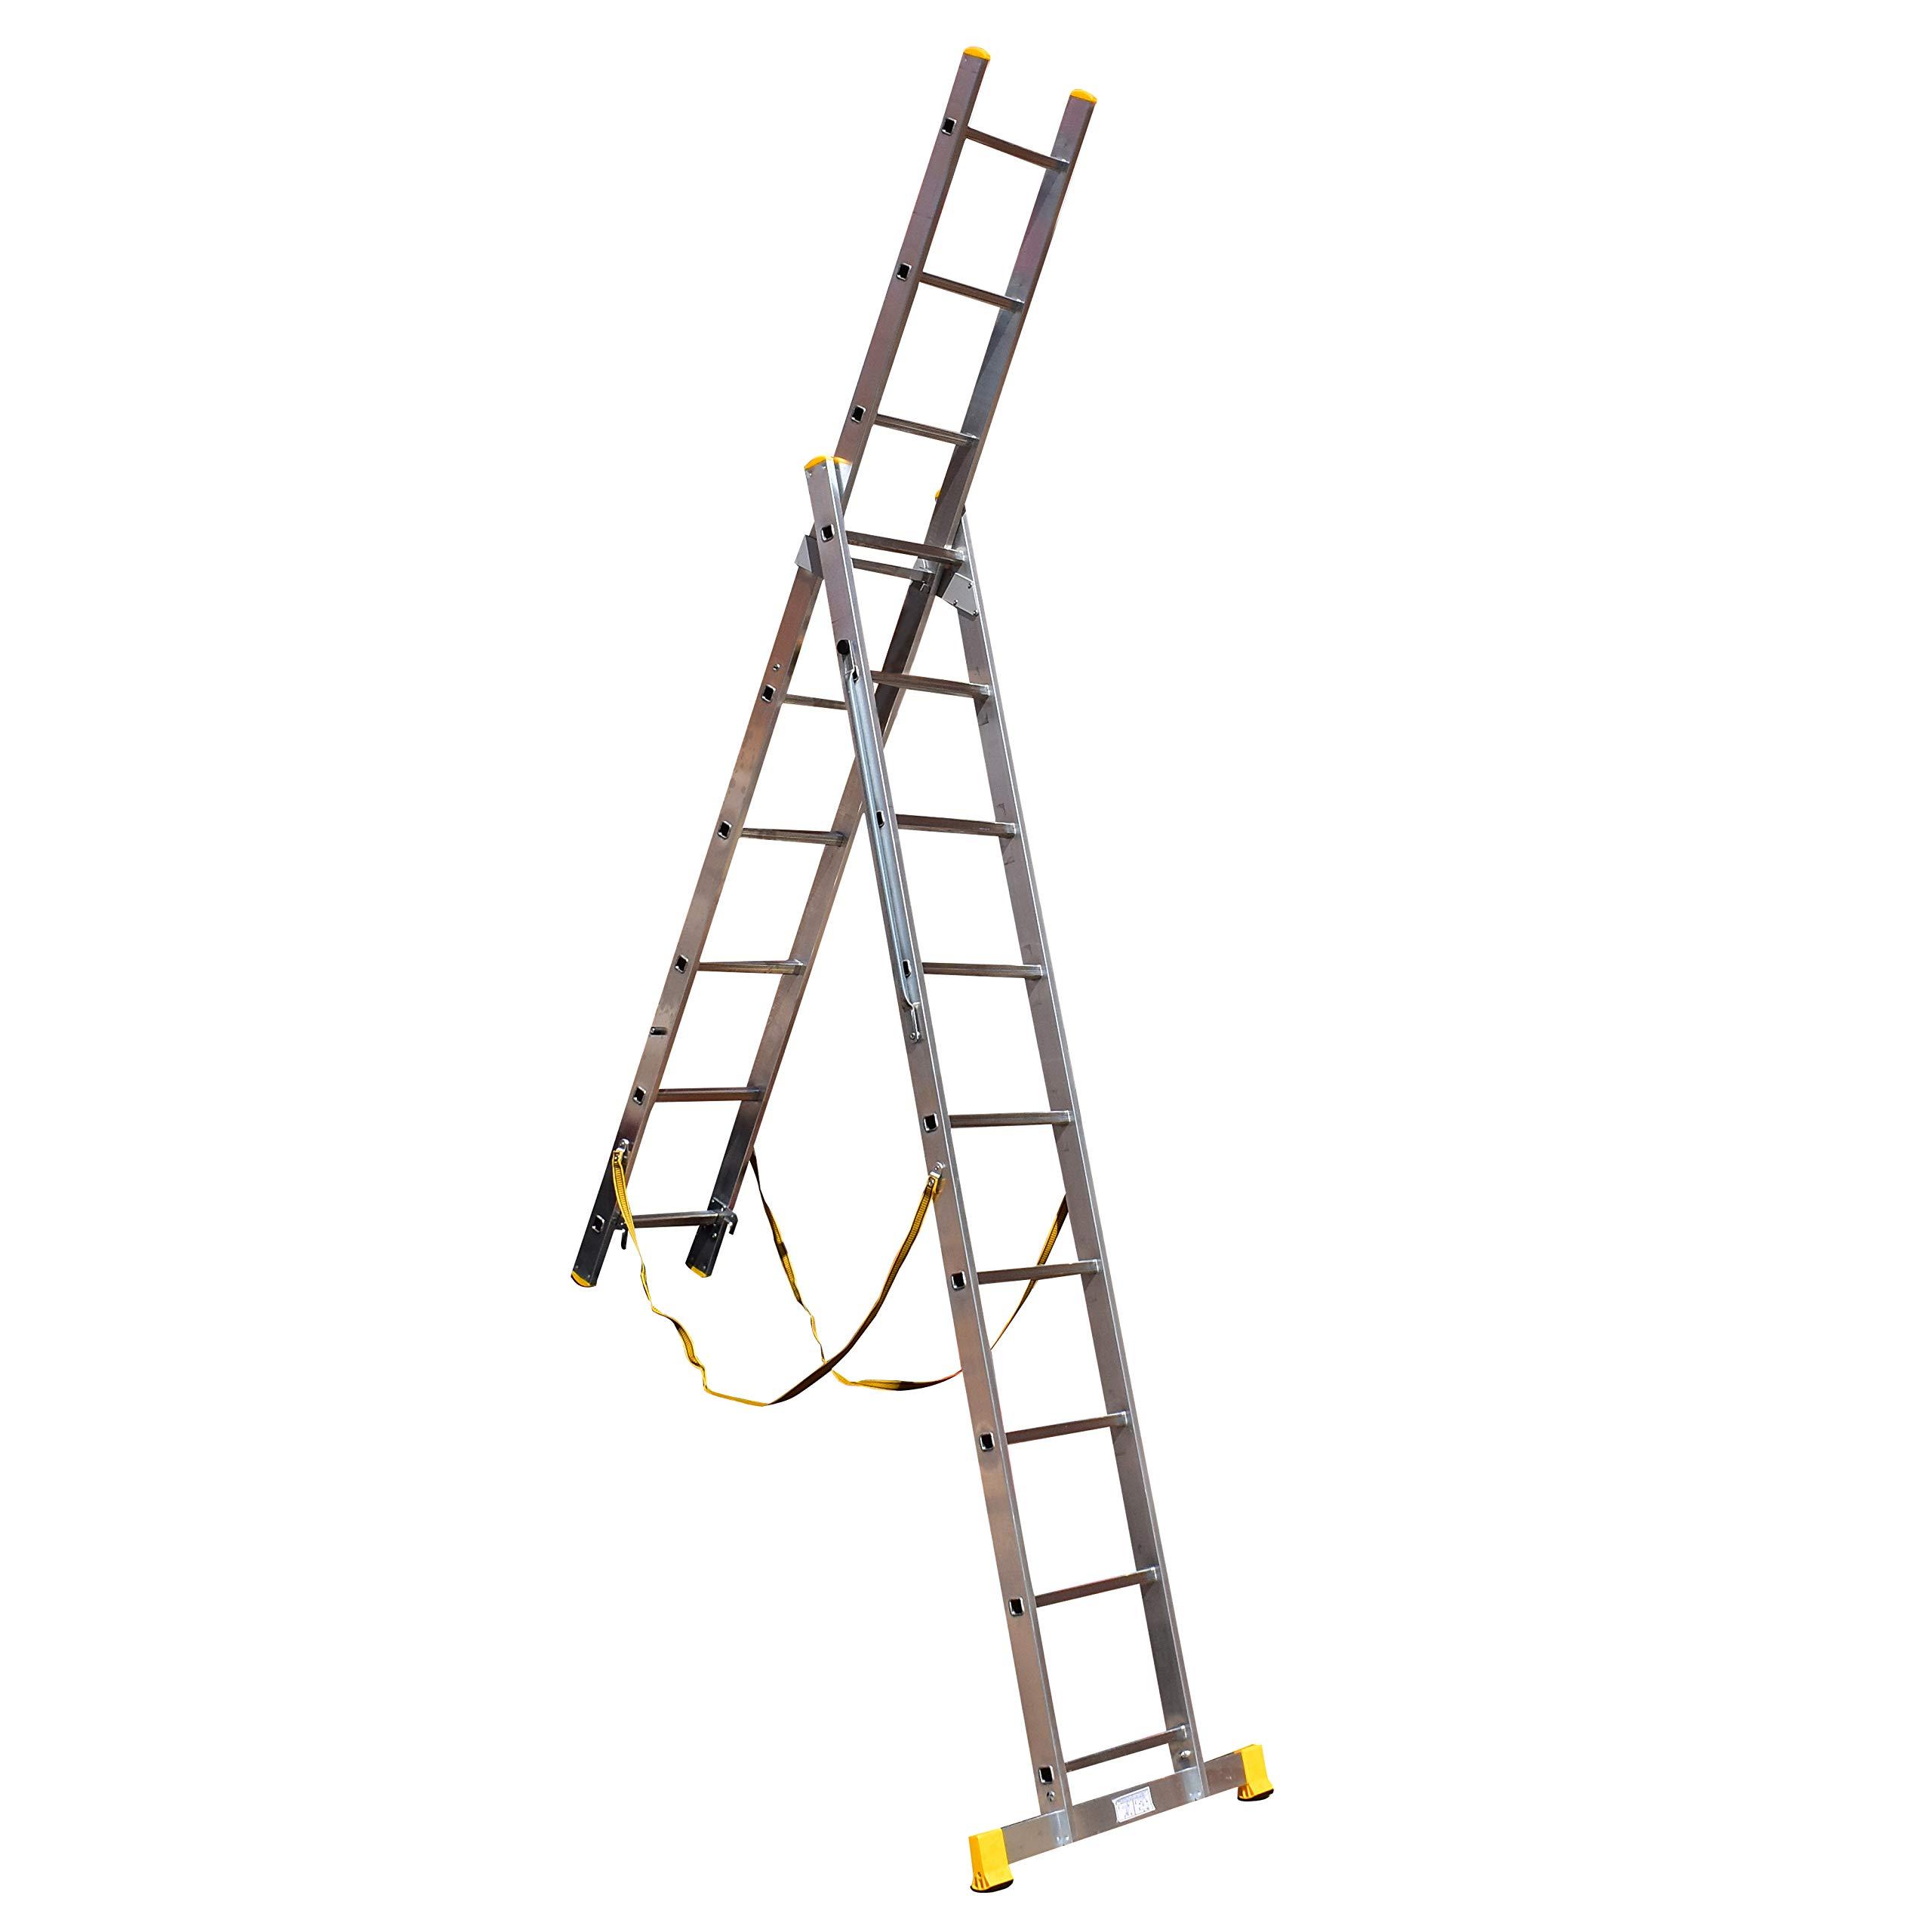 9 escalones 2 sección escaleras combi-all-in-one escalera extensible, escalera y pie escalera: Amazon.es: Bricolaje y herramientas